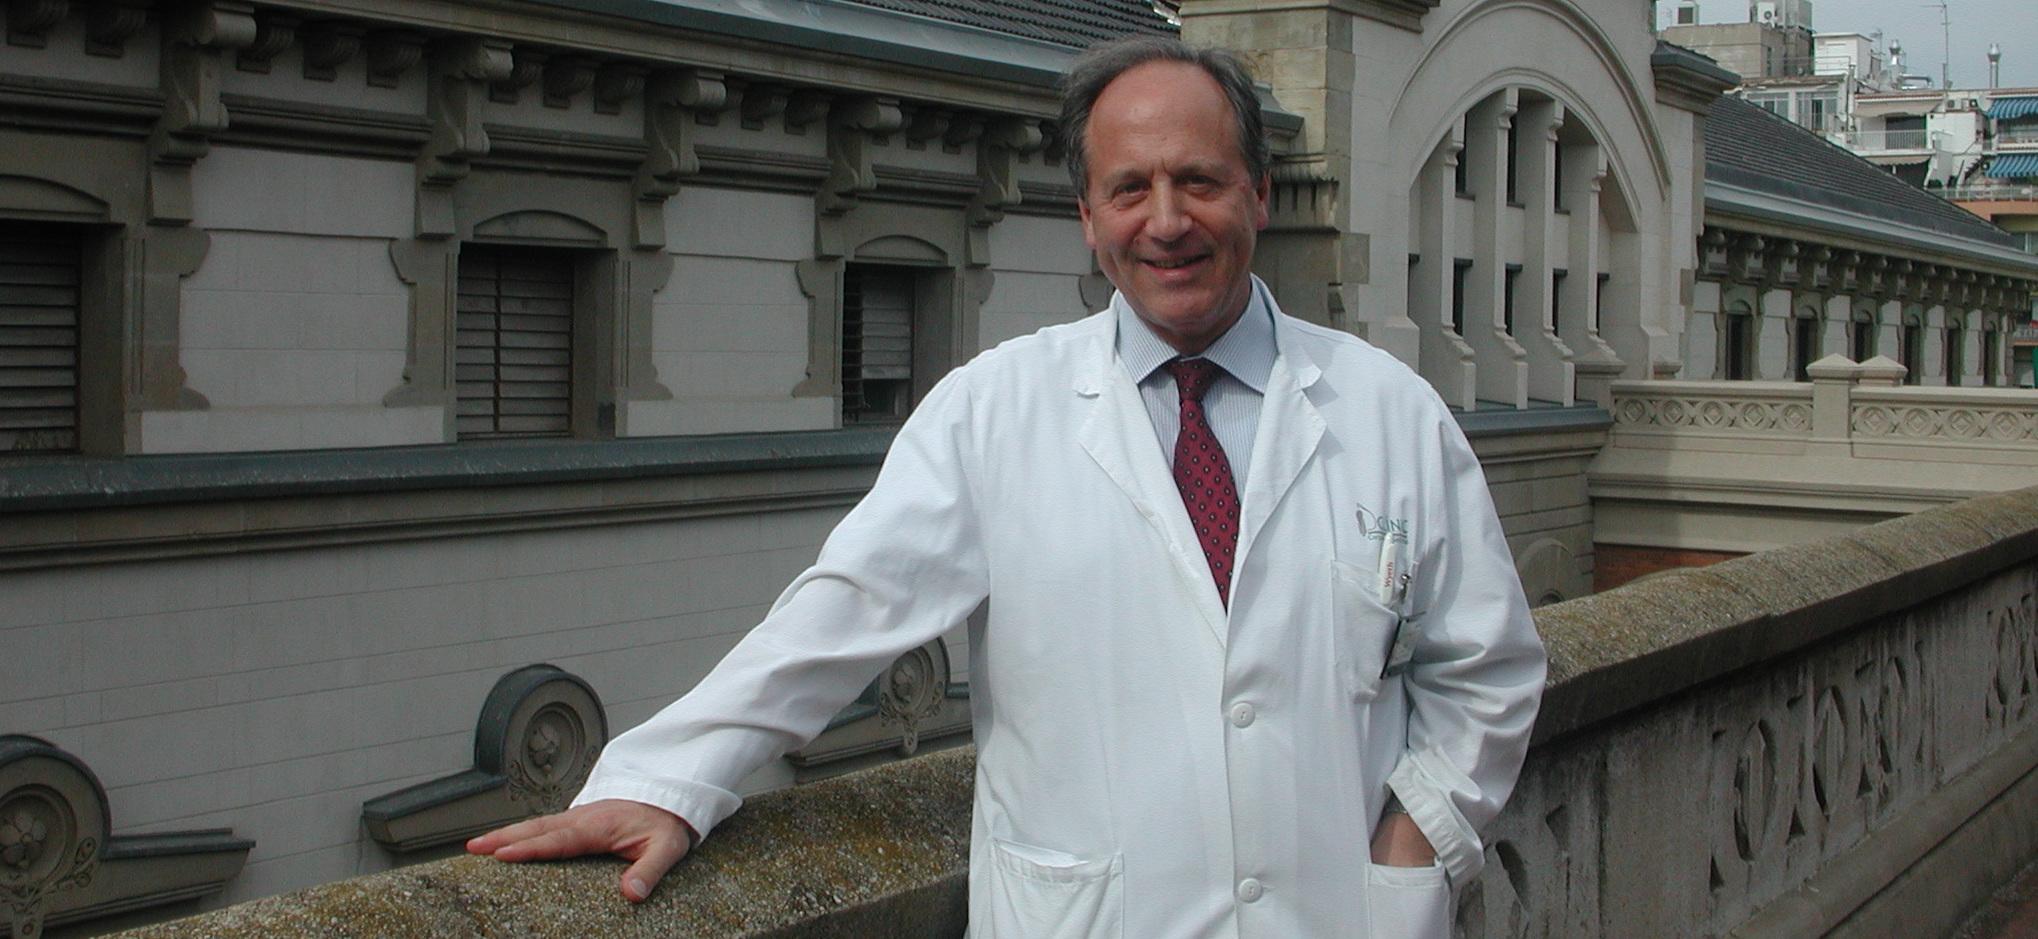 """Dr. Gascón: """"El estrés emocional crónico puede iniciar el proceso de un cáncer""""..."""